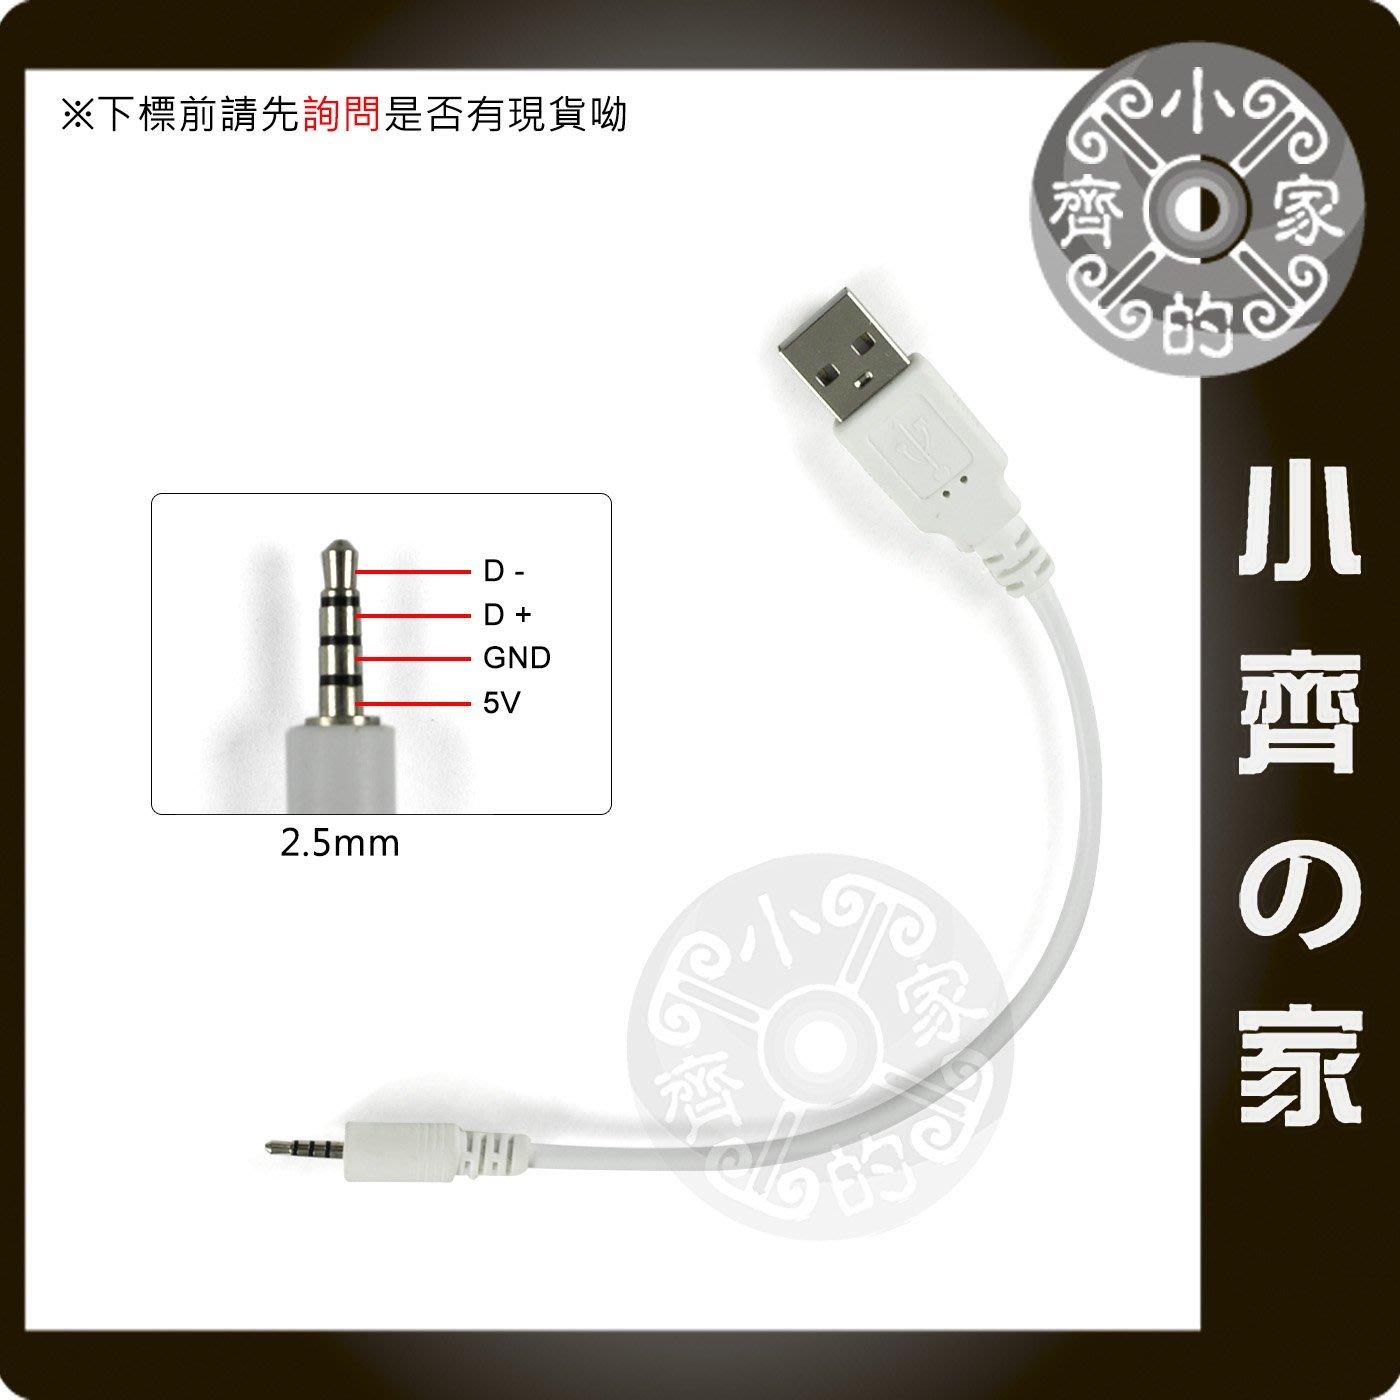 USB 公頭 轉 2.5mm 四極 四節 三環 音源 接頭 藍芽耳機 音頻轉換線 數據線-小齊的家